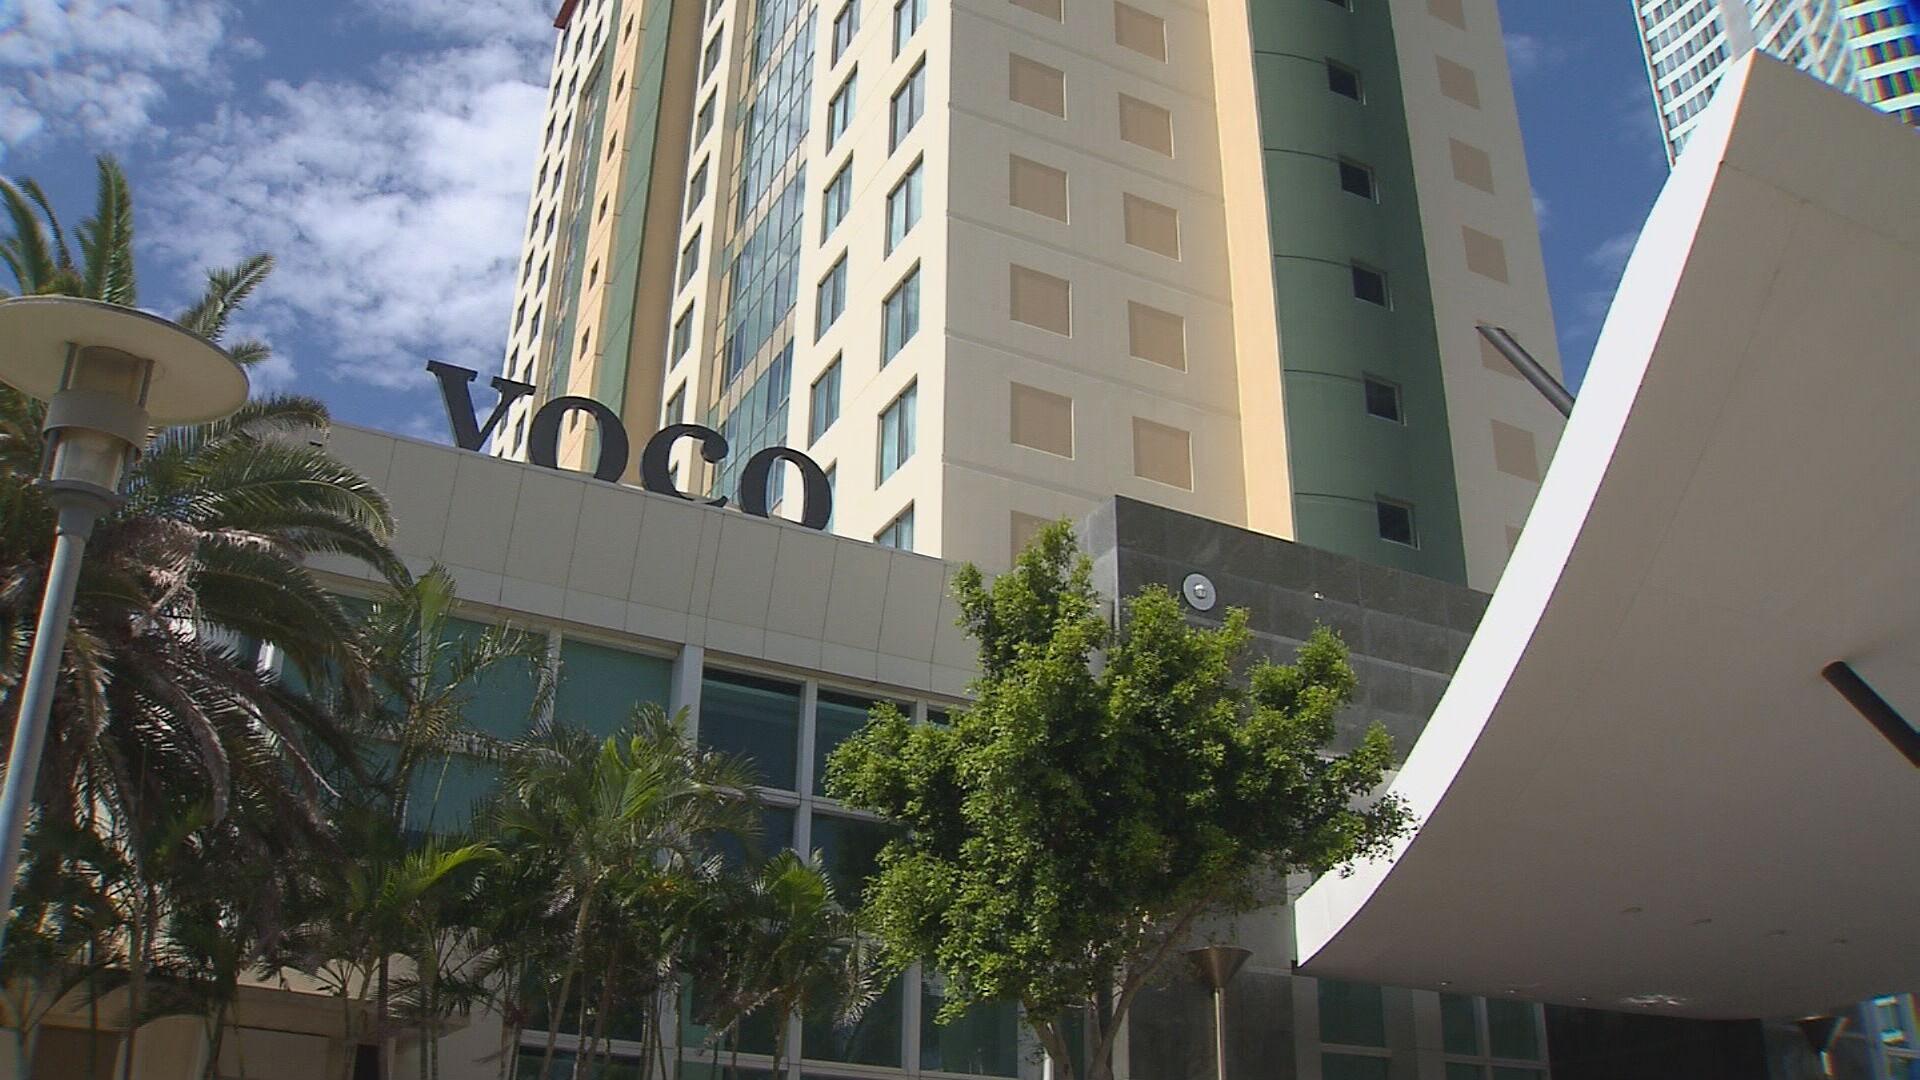 Surfers Paradise VOCO Hotel